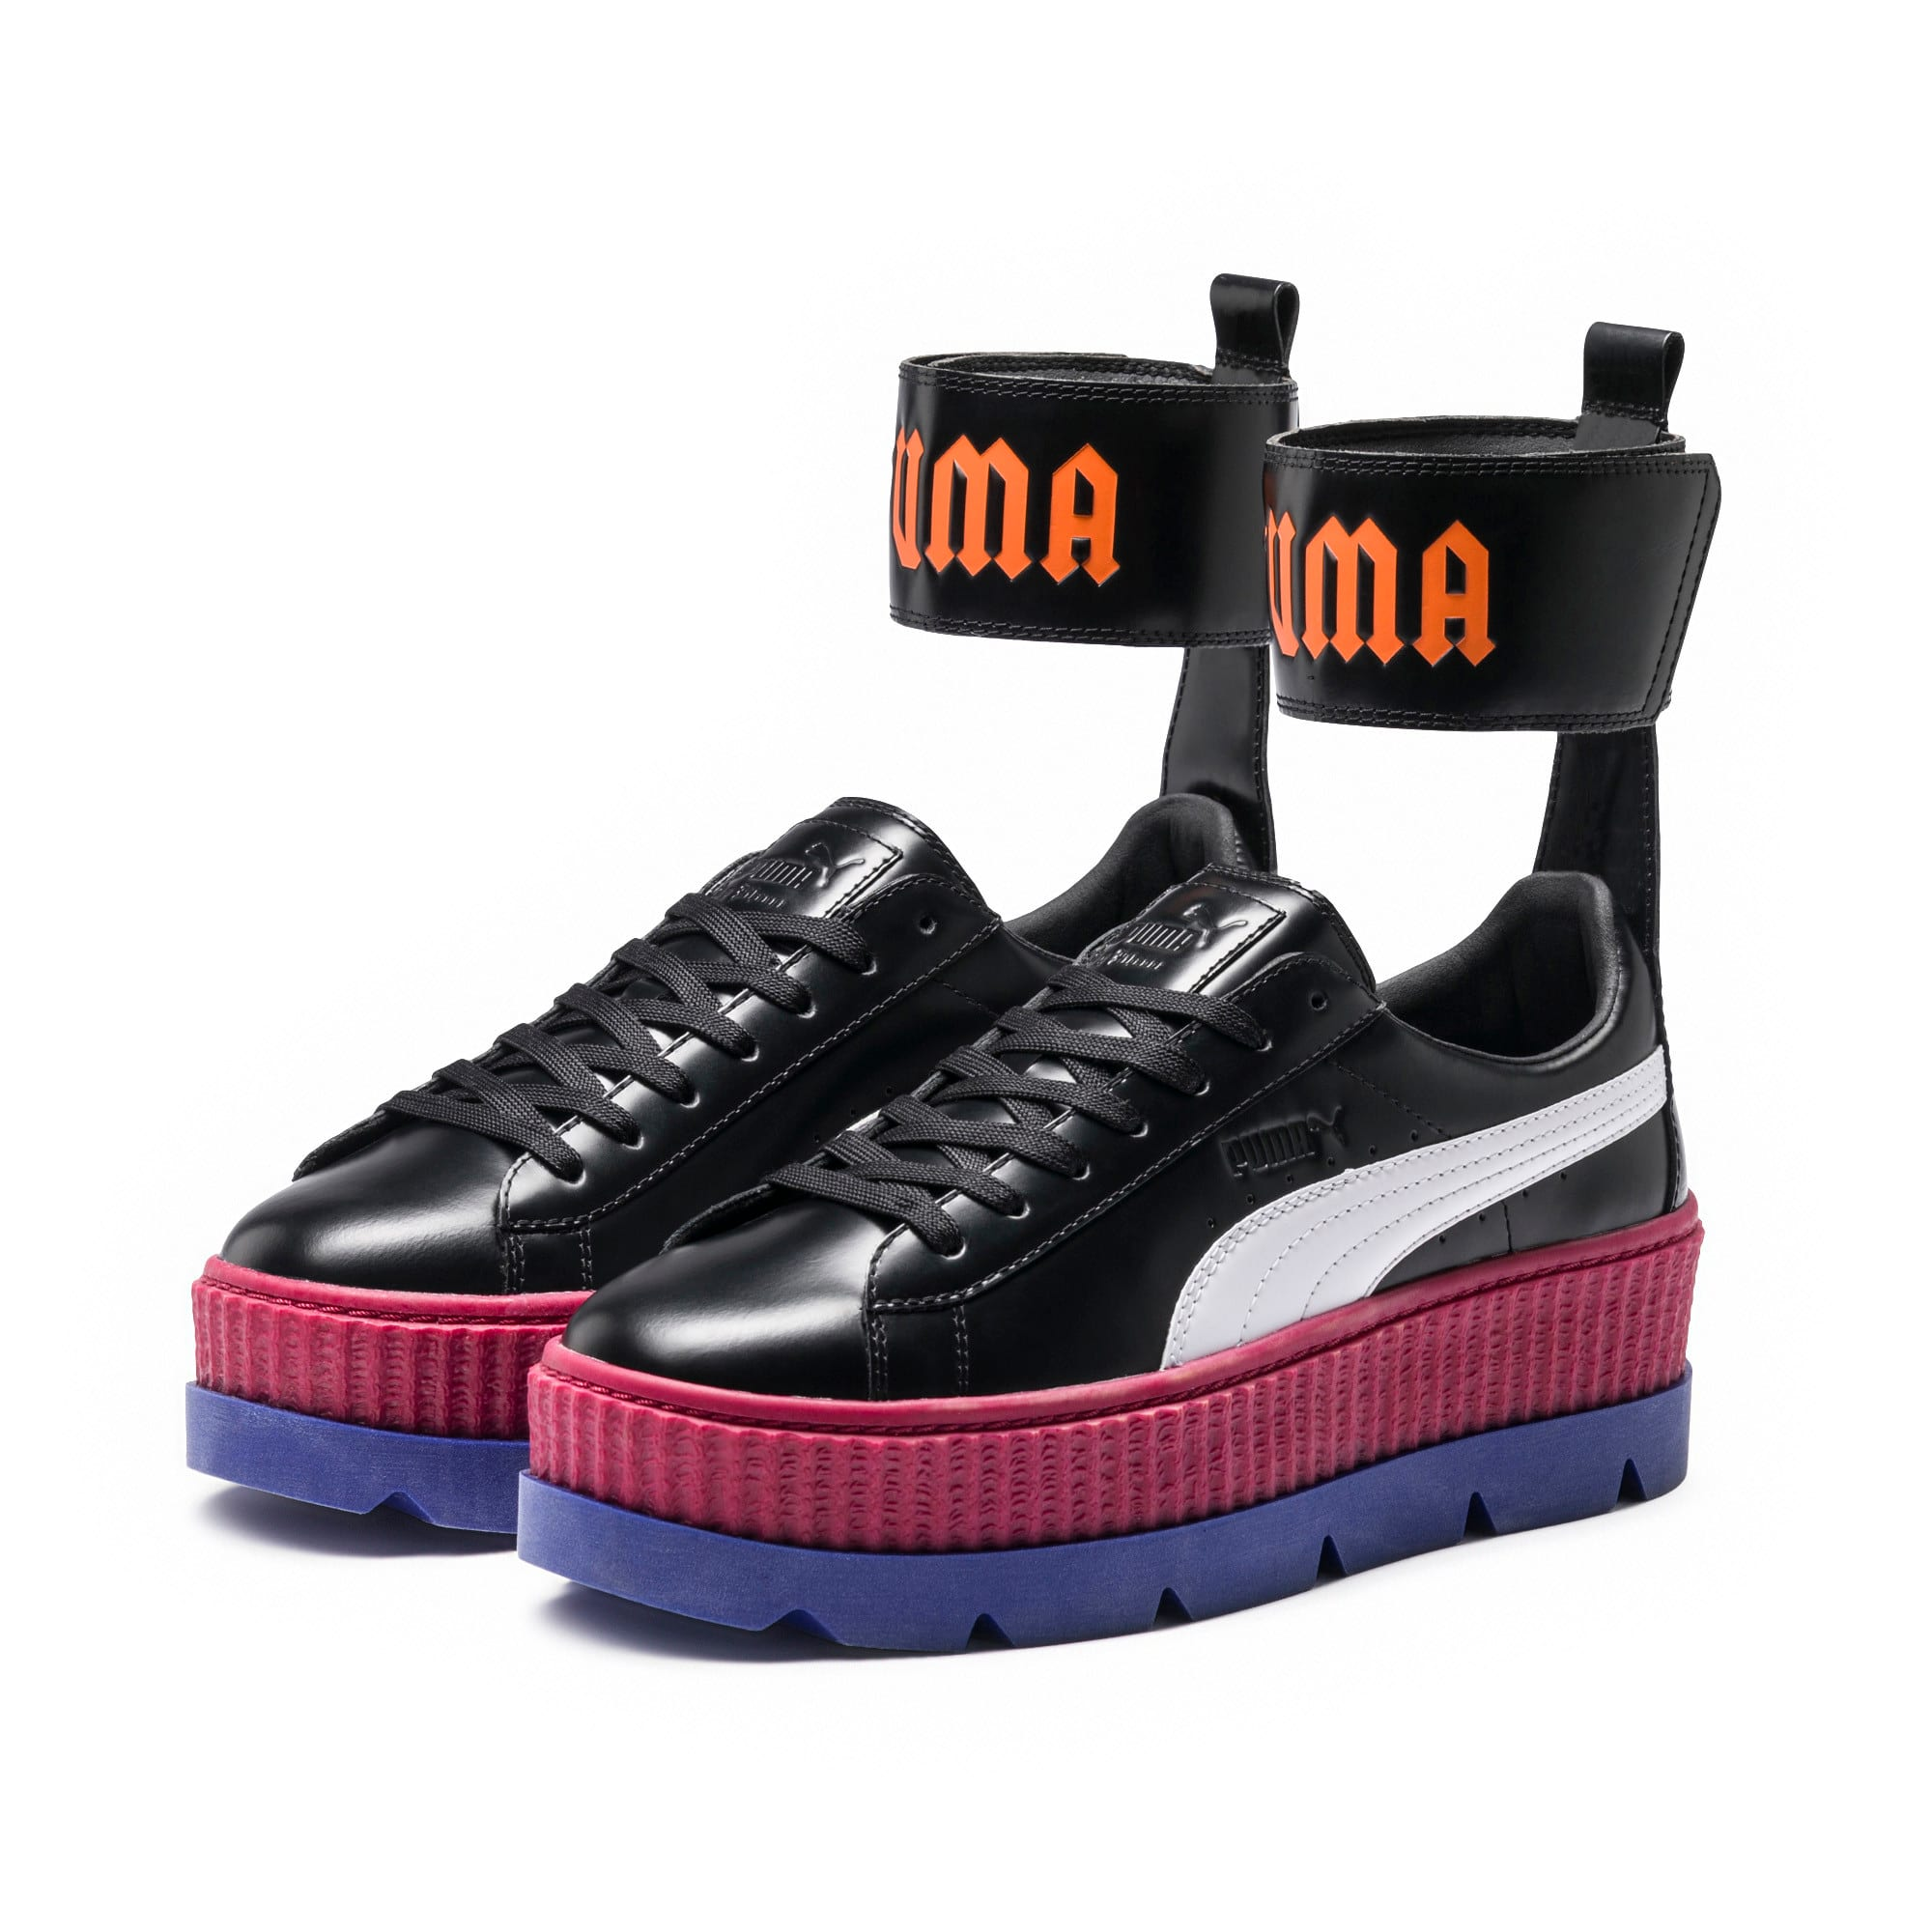 sale retailer 272d1 83850 FENTY Men's Ankle Strap Trainer